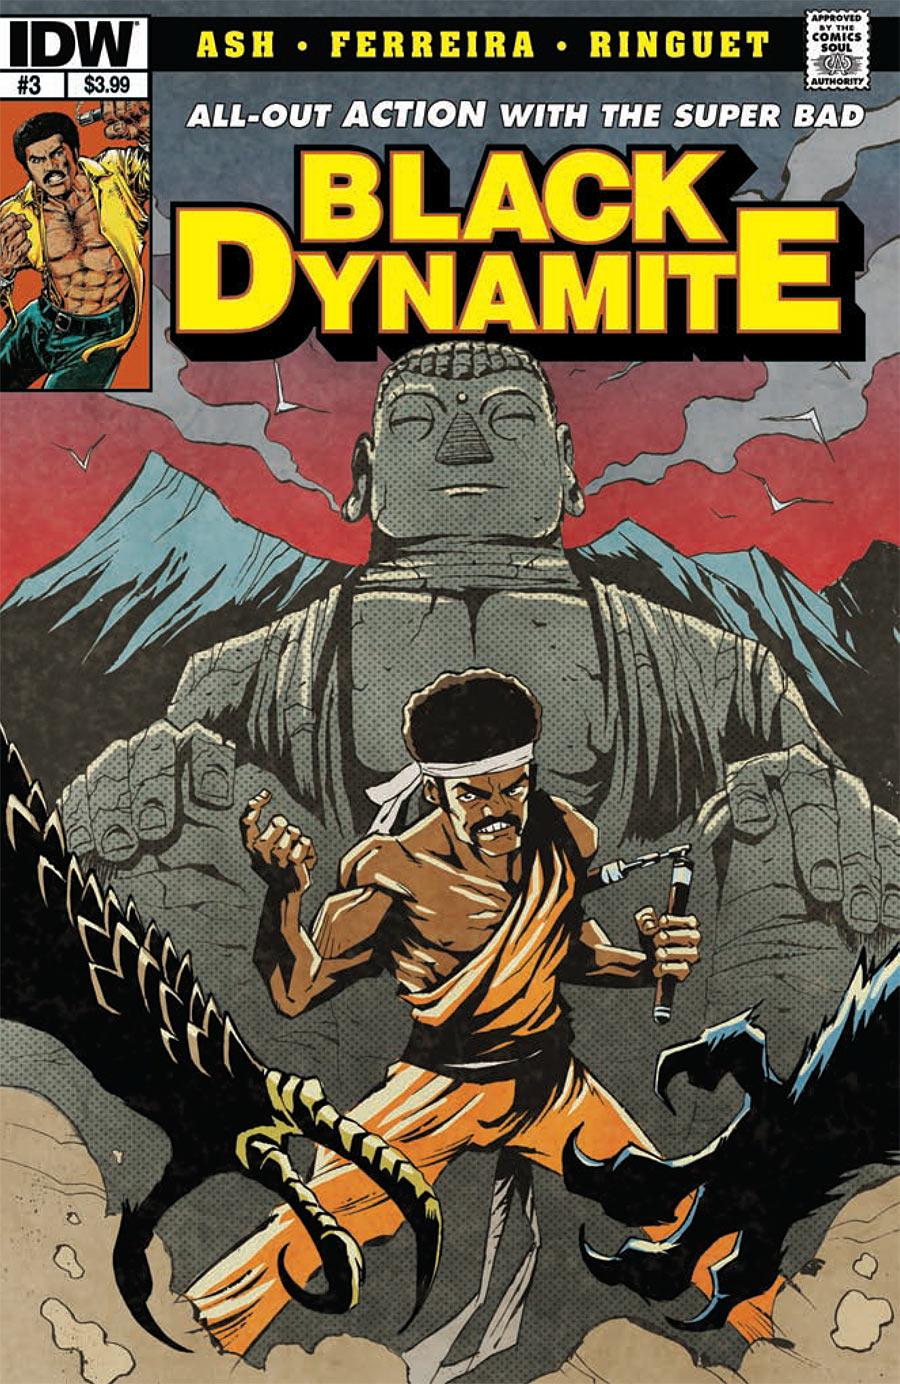 Black Dynamite #3